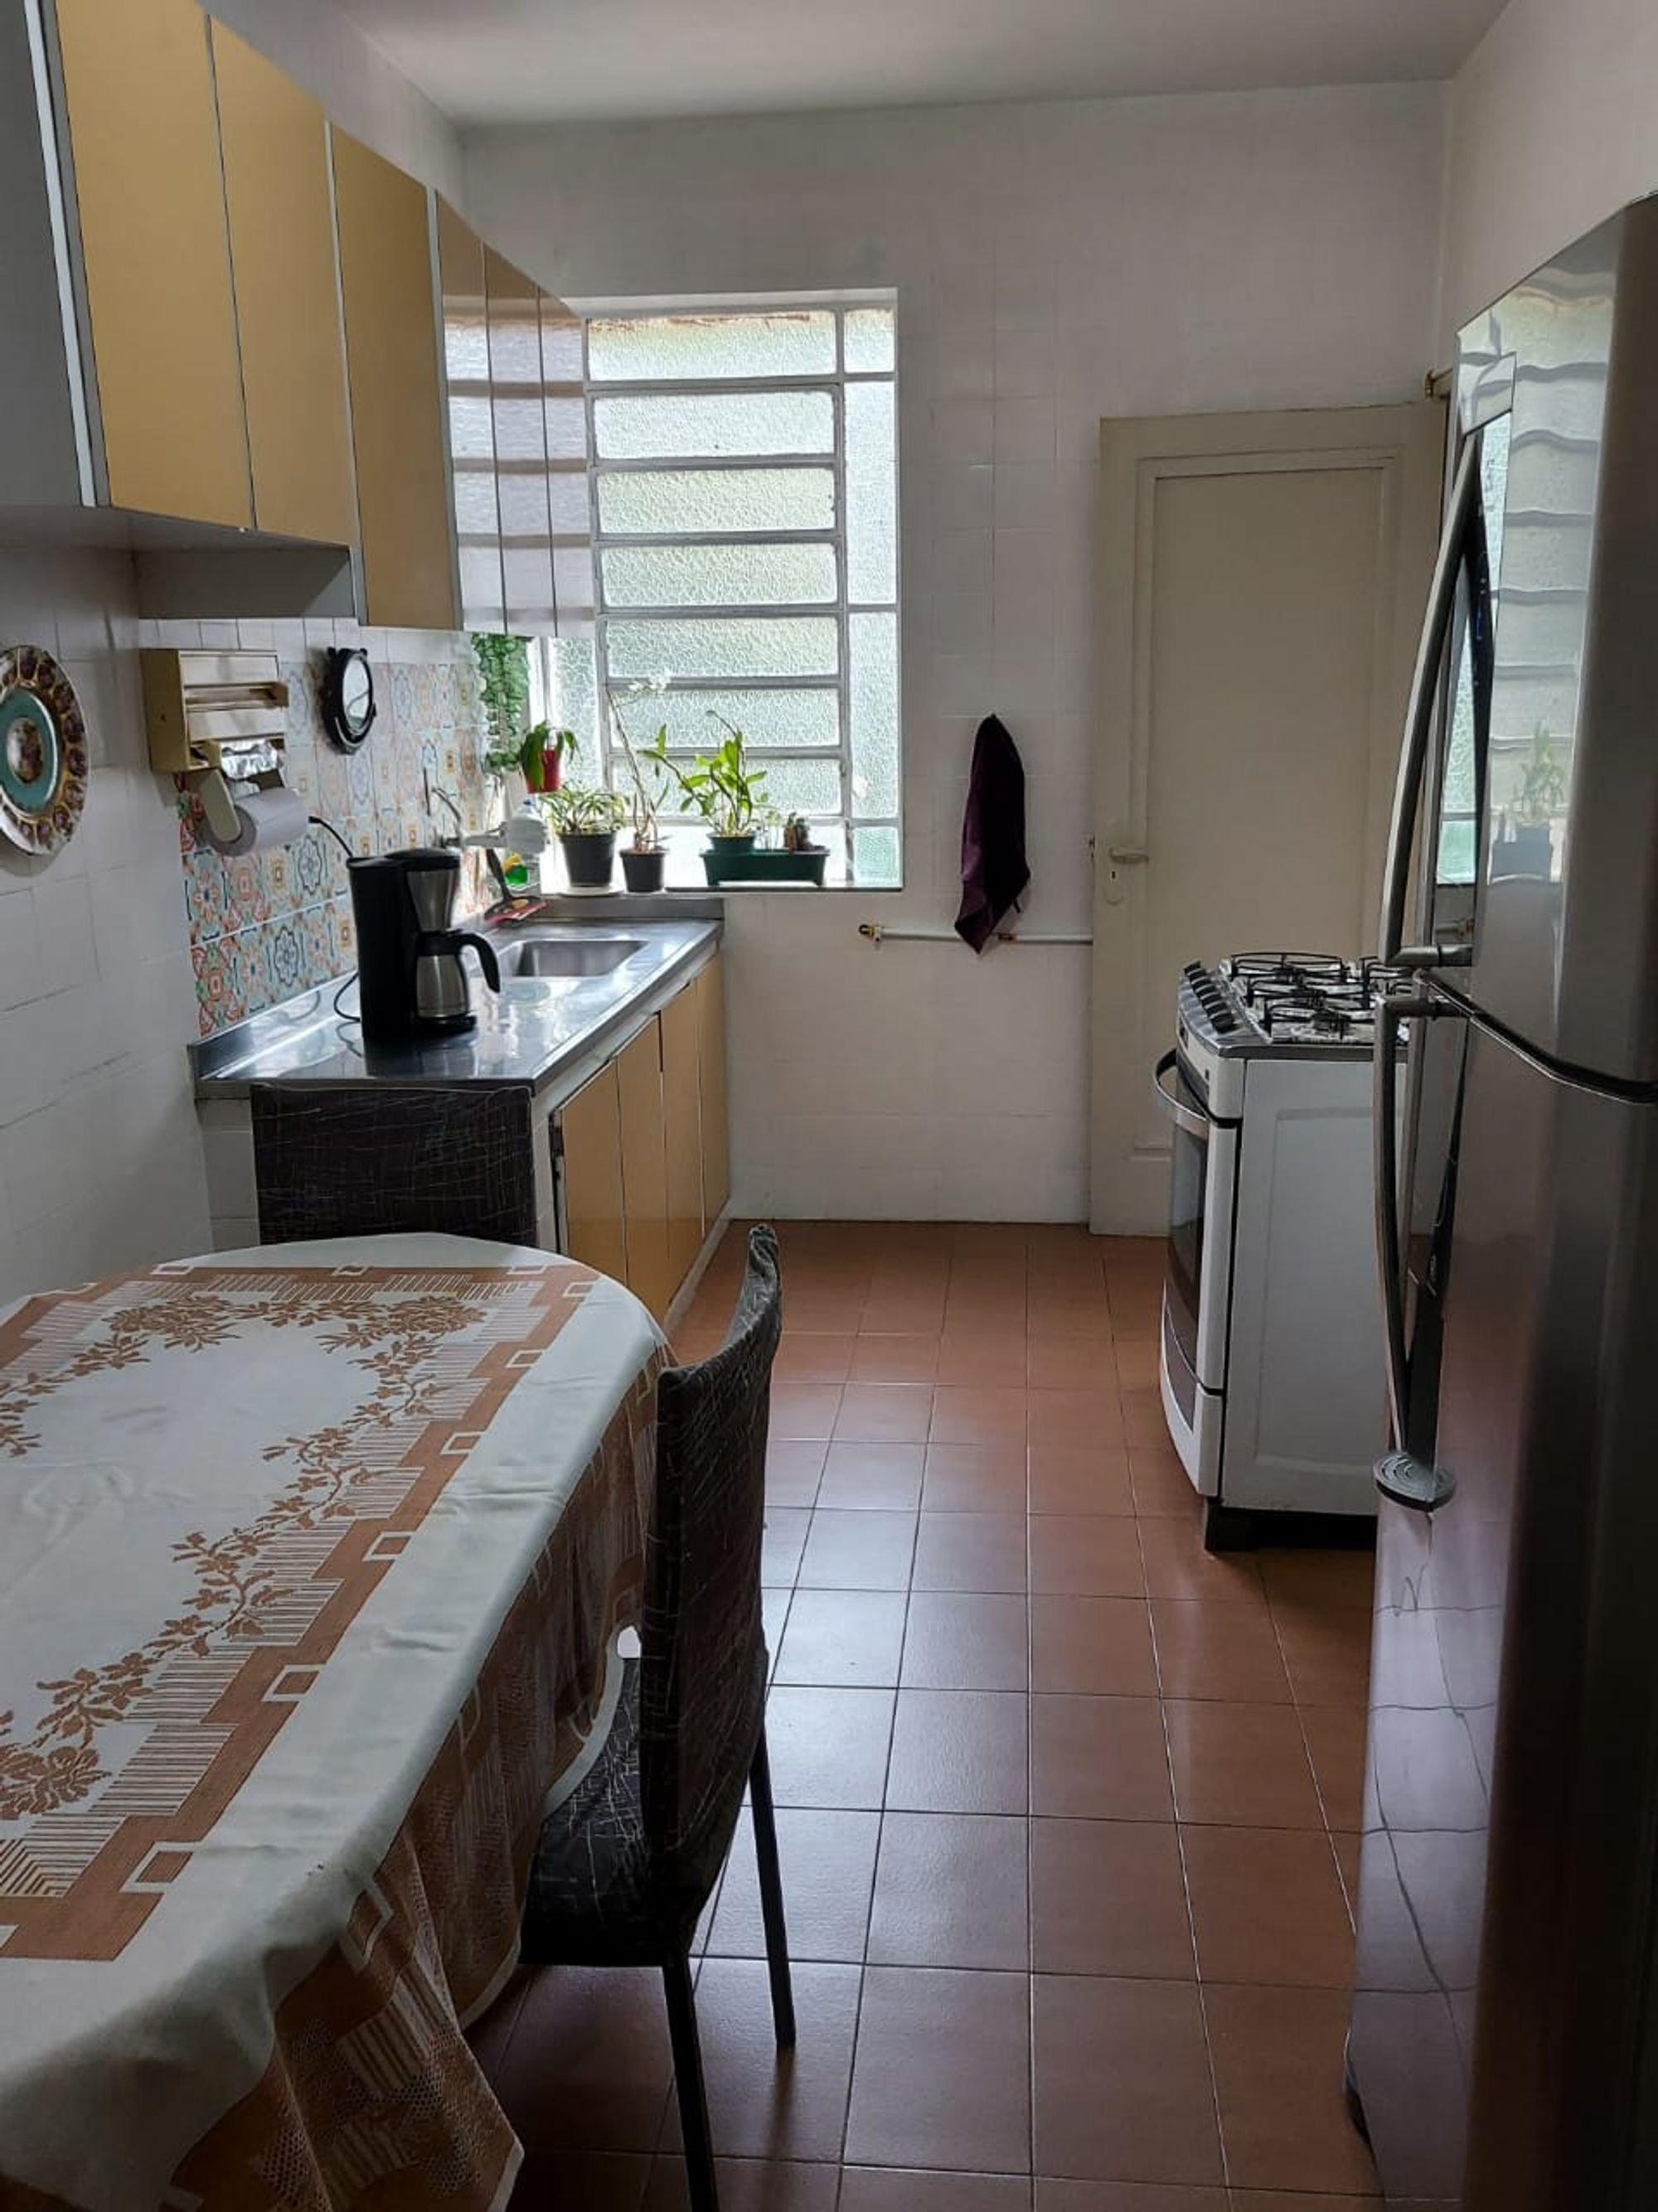 Foto de Cozinha com vaso de planta, forno, geladeira, pia, cadeira, mesa de jantar